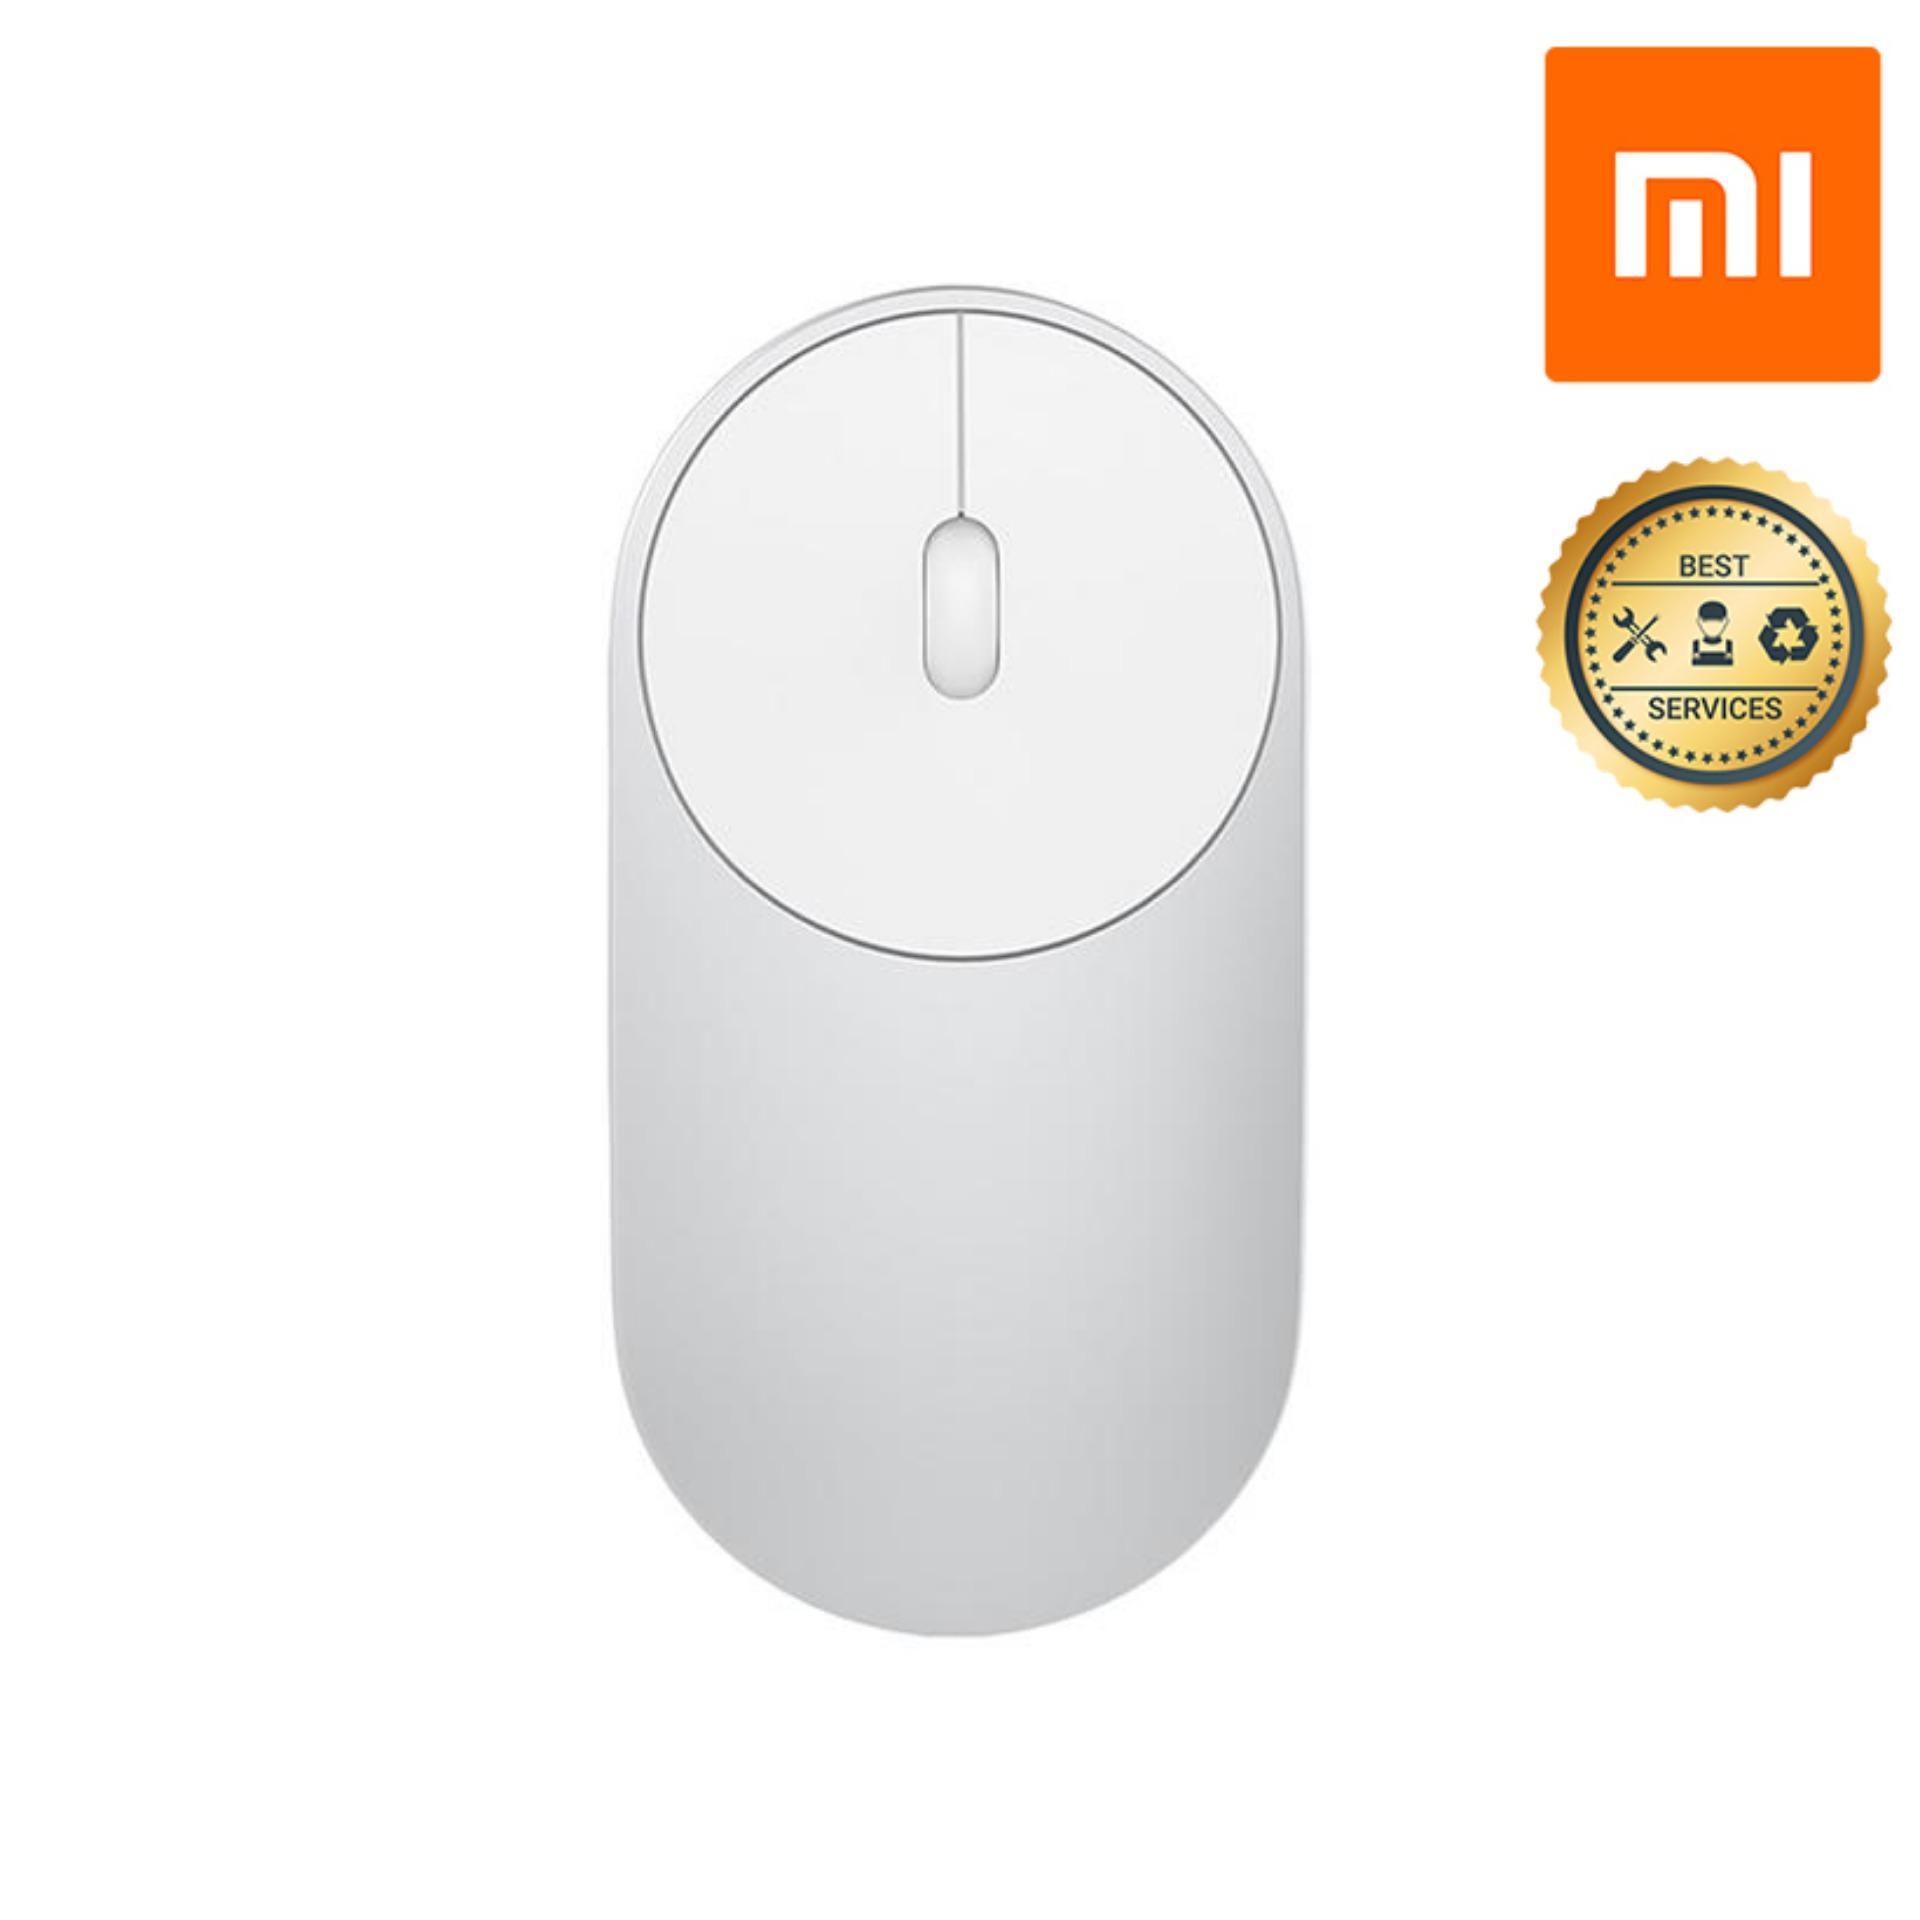 Giá Chuột Không Dây vỏ hợp kim Xiaomi Portable Bluetooth Dual Mode (Bạc)